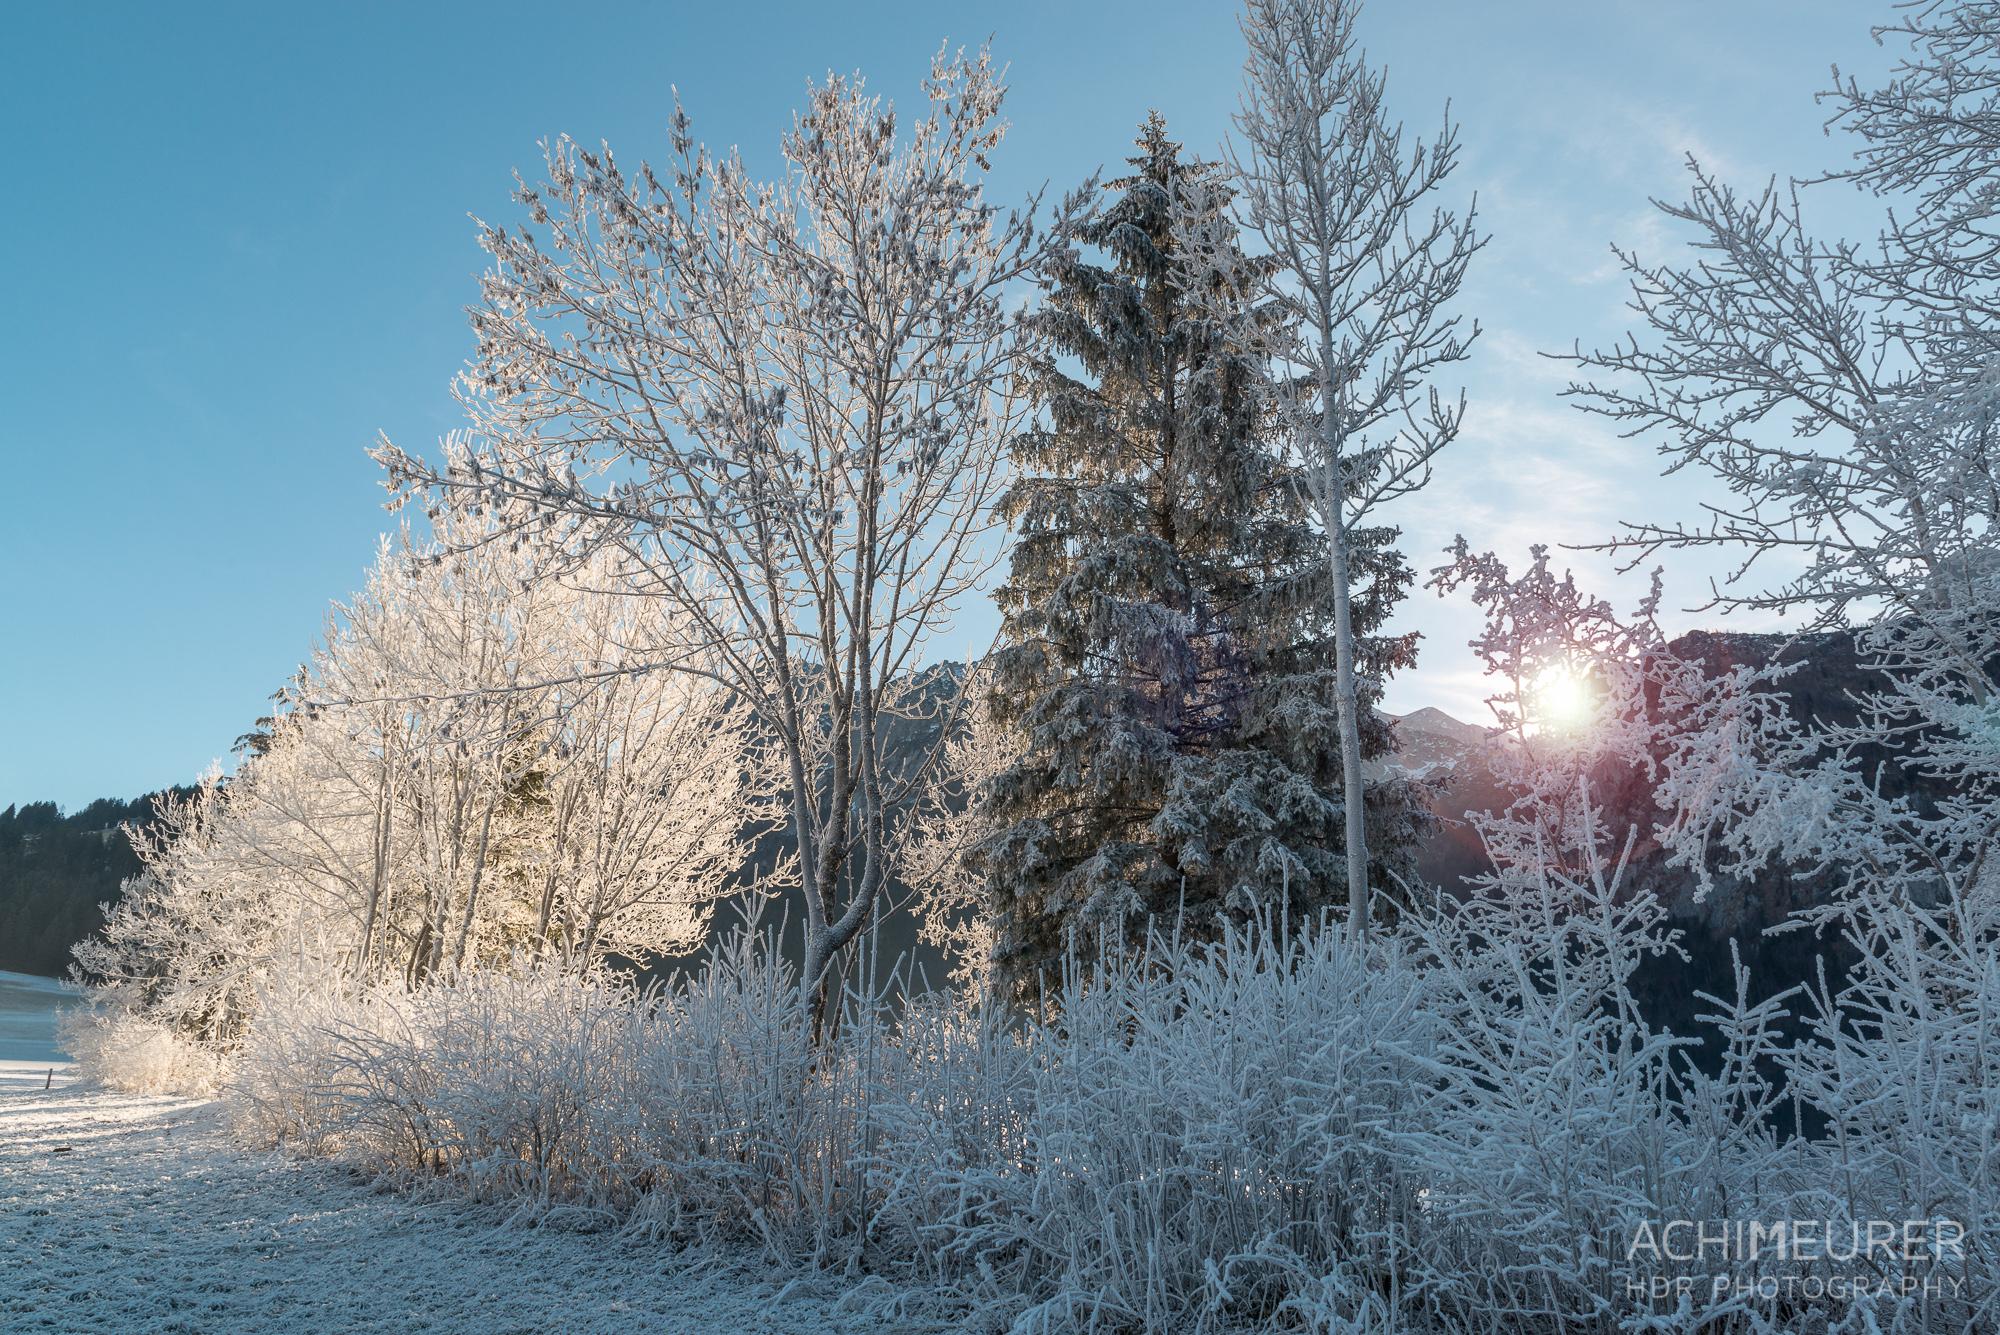 Winter-Wonder-Land Au in Abtenau